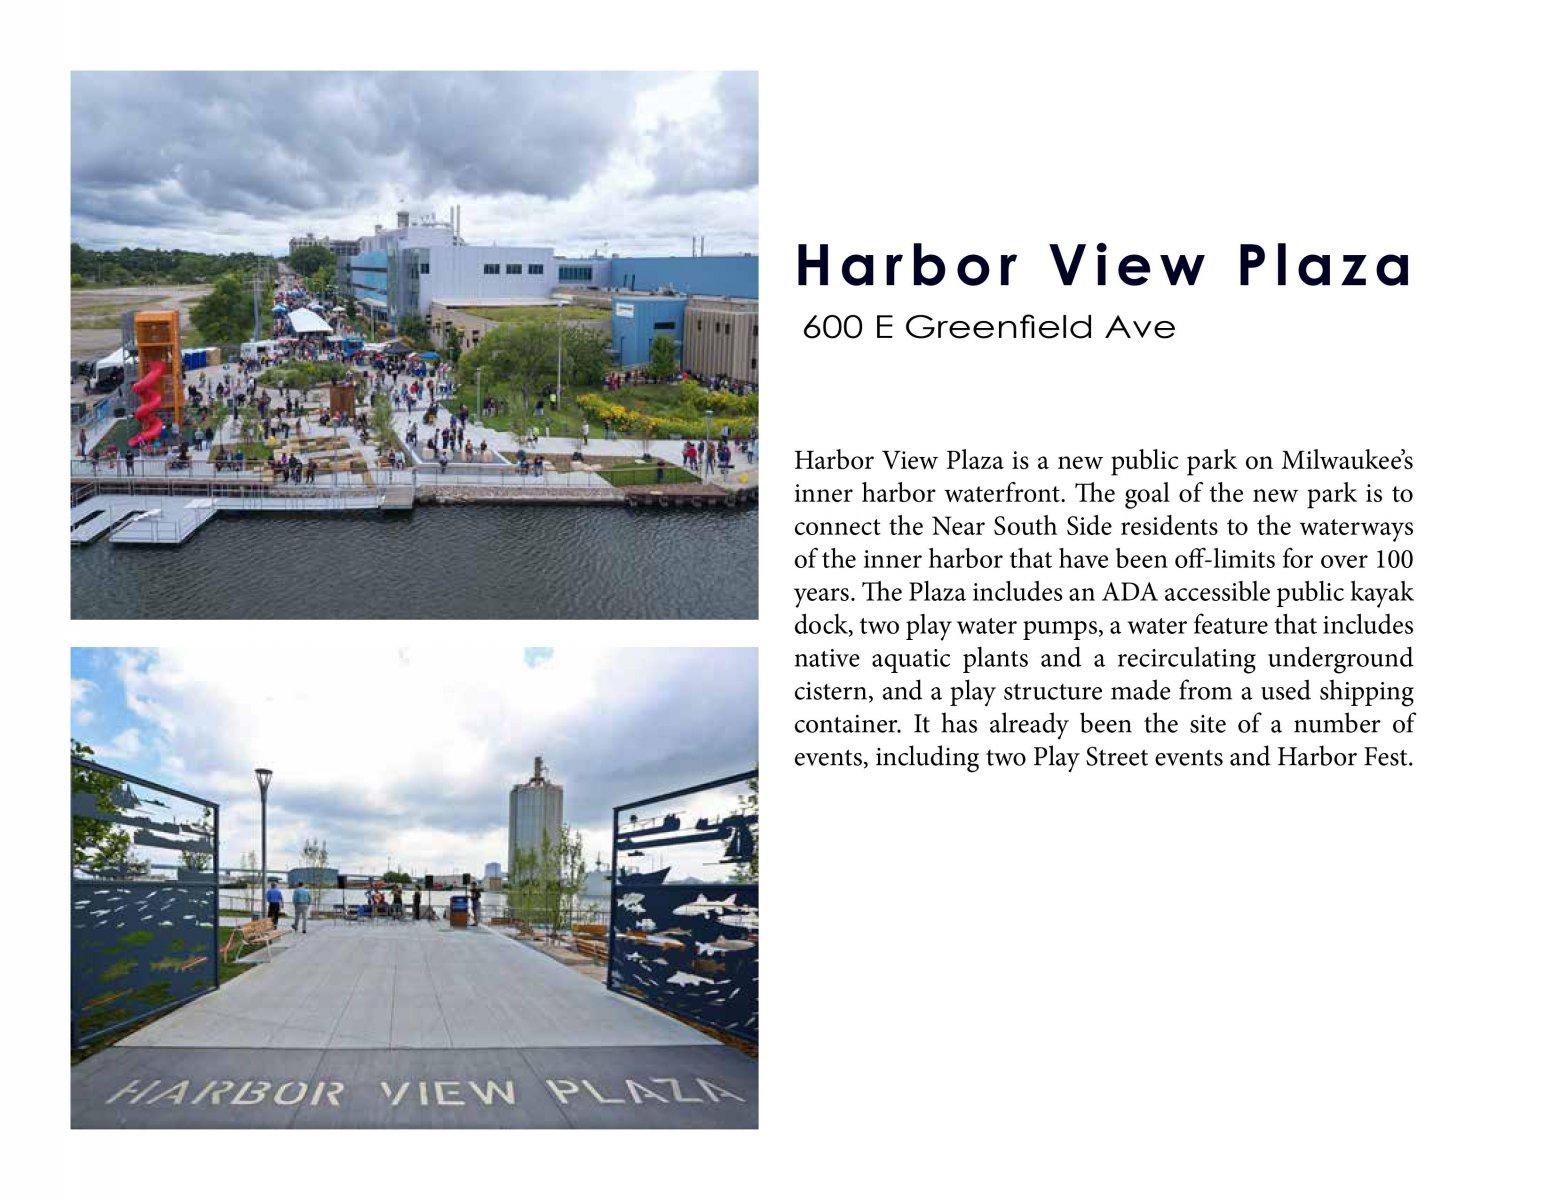 Harbor View Plaza